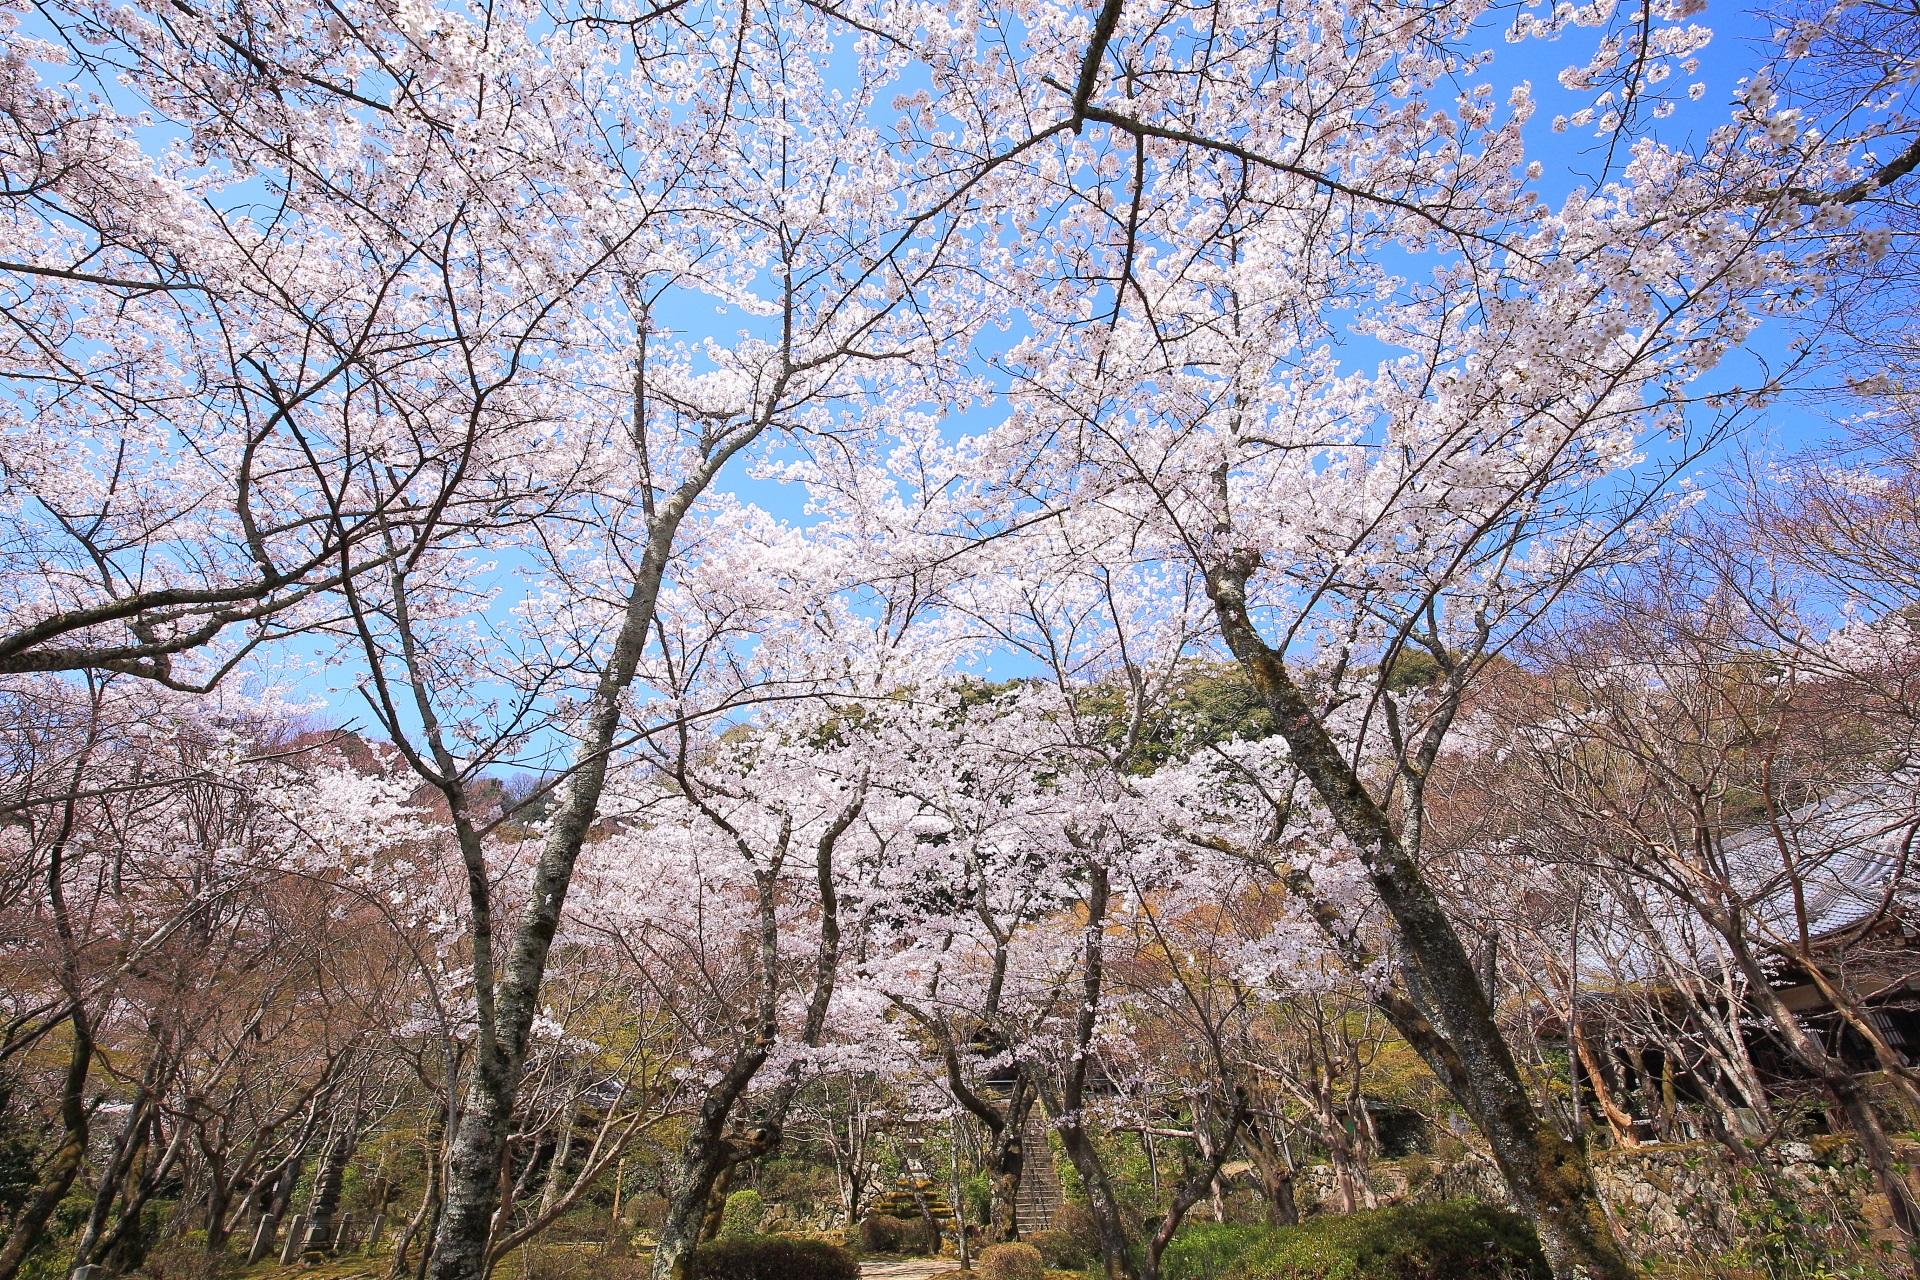 勝持寺の伽藍を染める絶品の桜